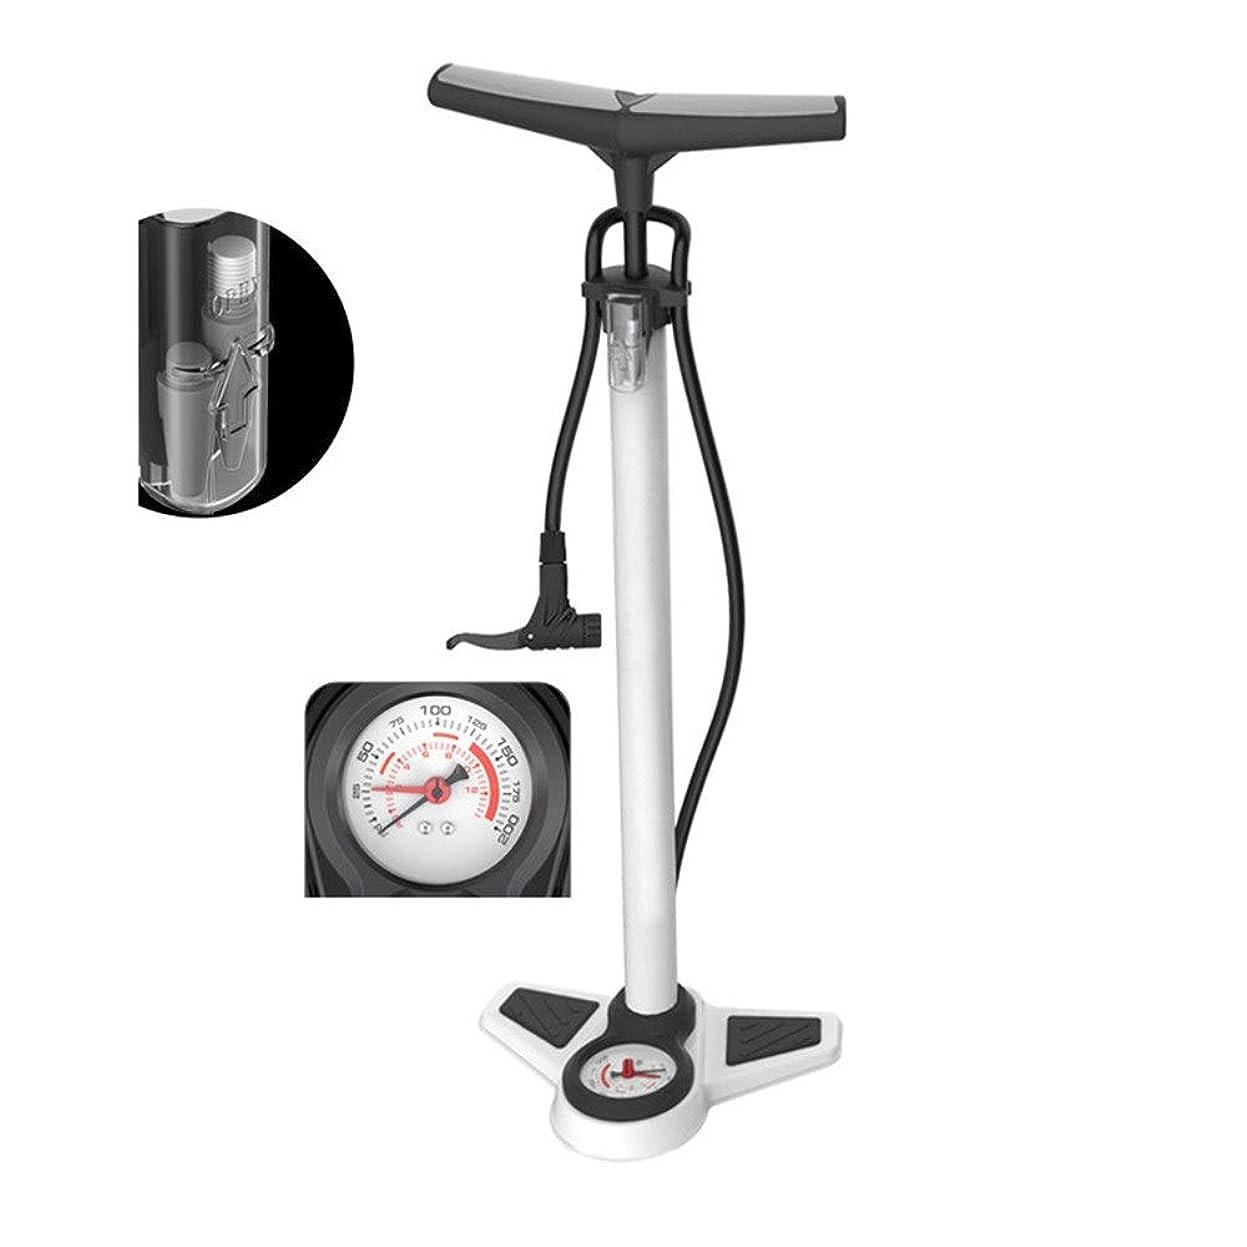 ホスト嬉しいですどきどき自転車の空気入れ 空気圧ゲージが付いている高圧床の永続的なバイクポンプ周期の自転車のタイヤ手ポンプ 早くて簡単 (色 : 白, サイズ : 65cm)